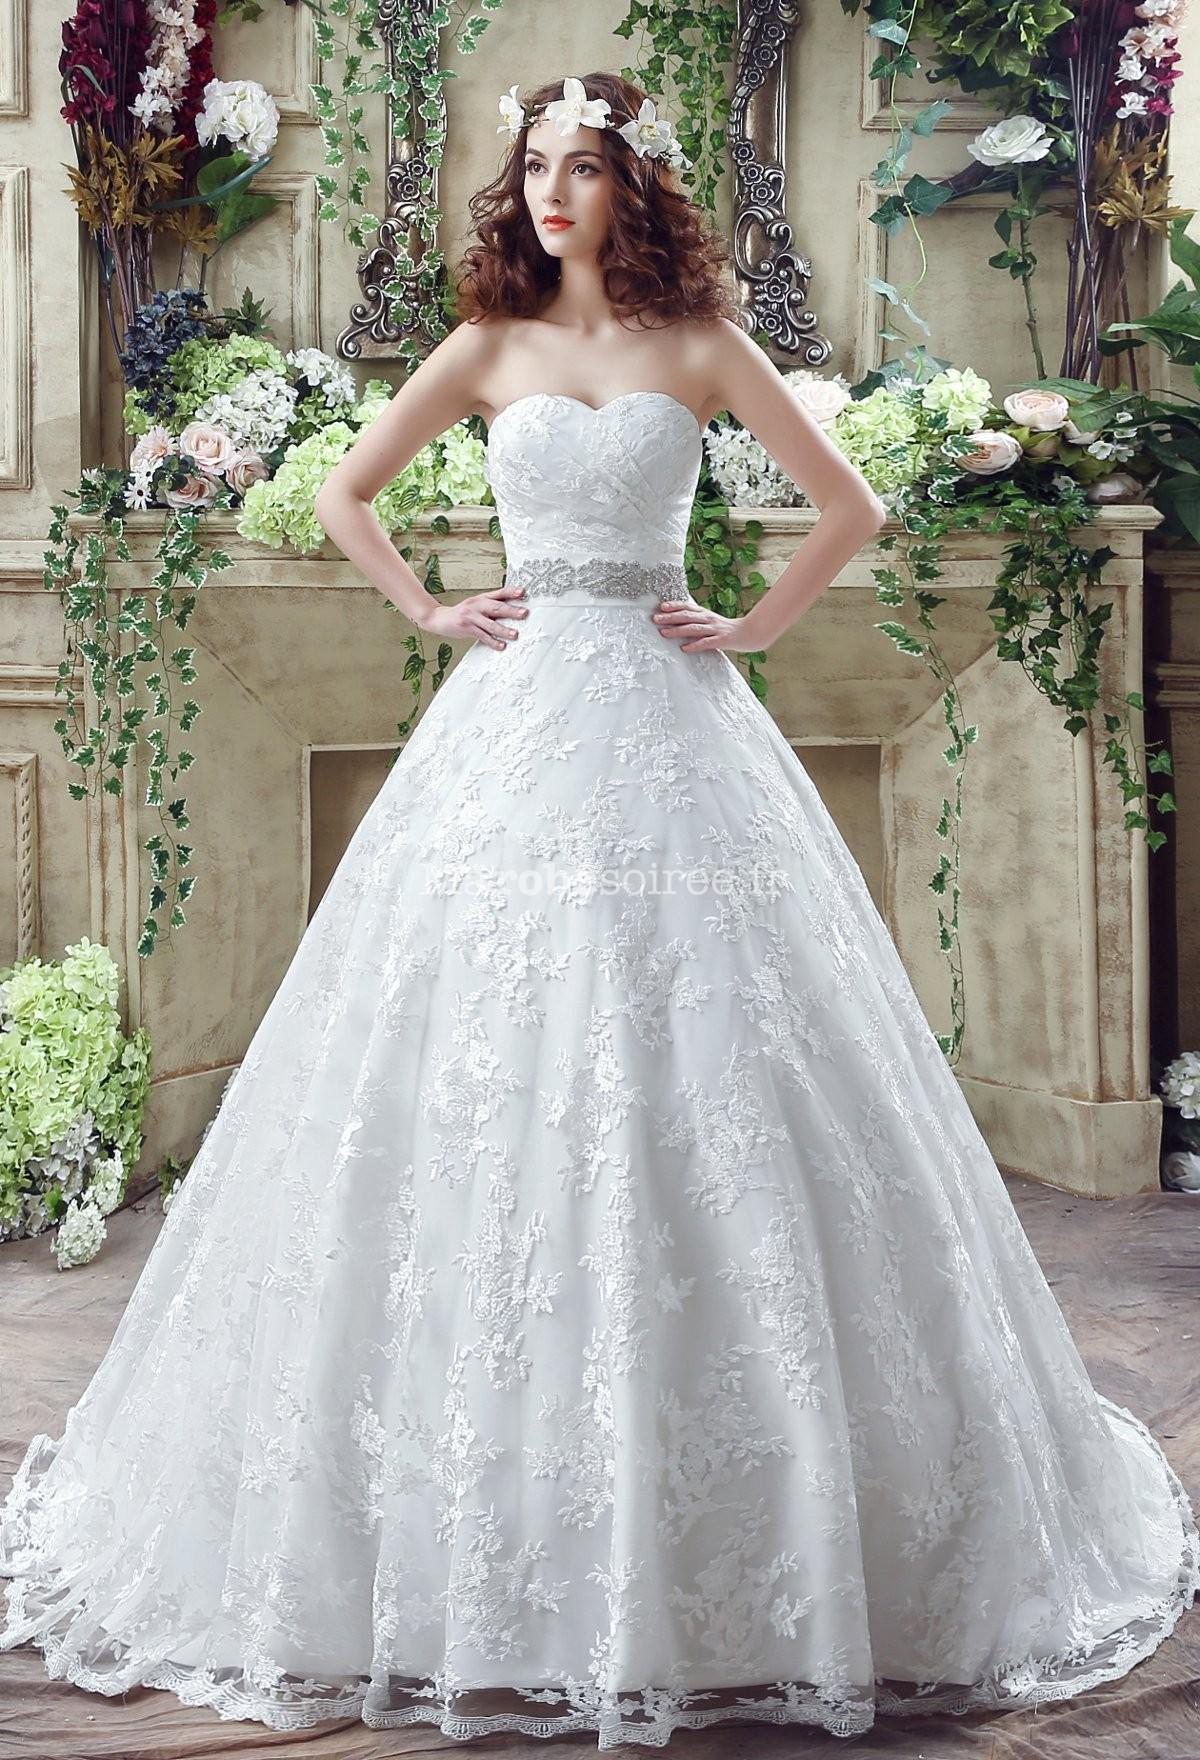 Par Engsheden a cr la robe de marie de la princesse